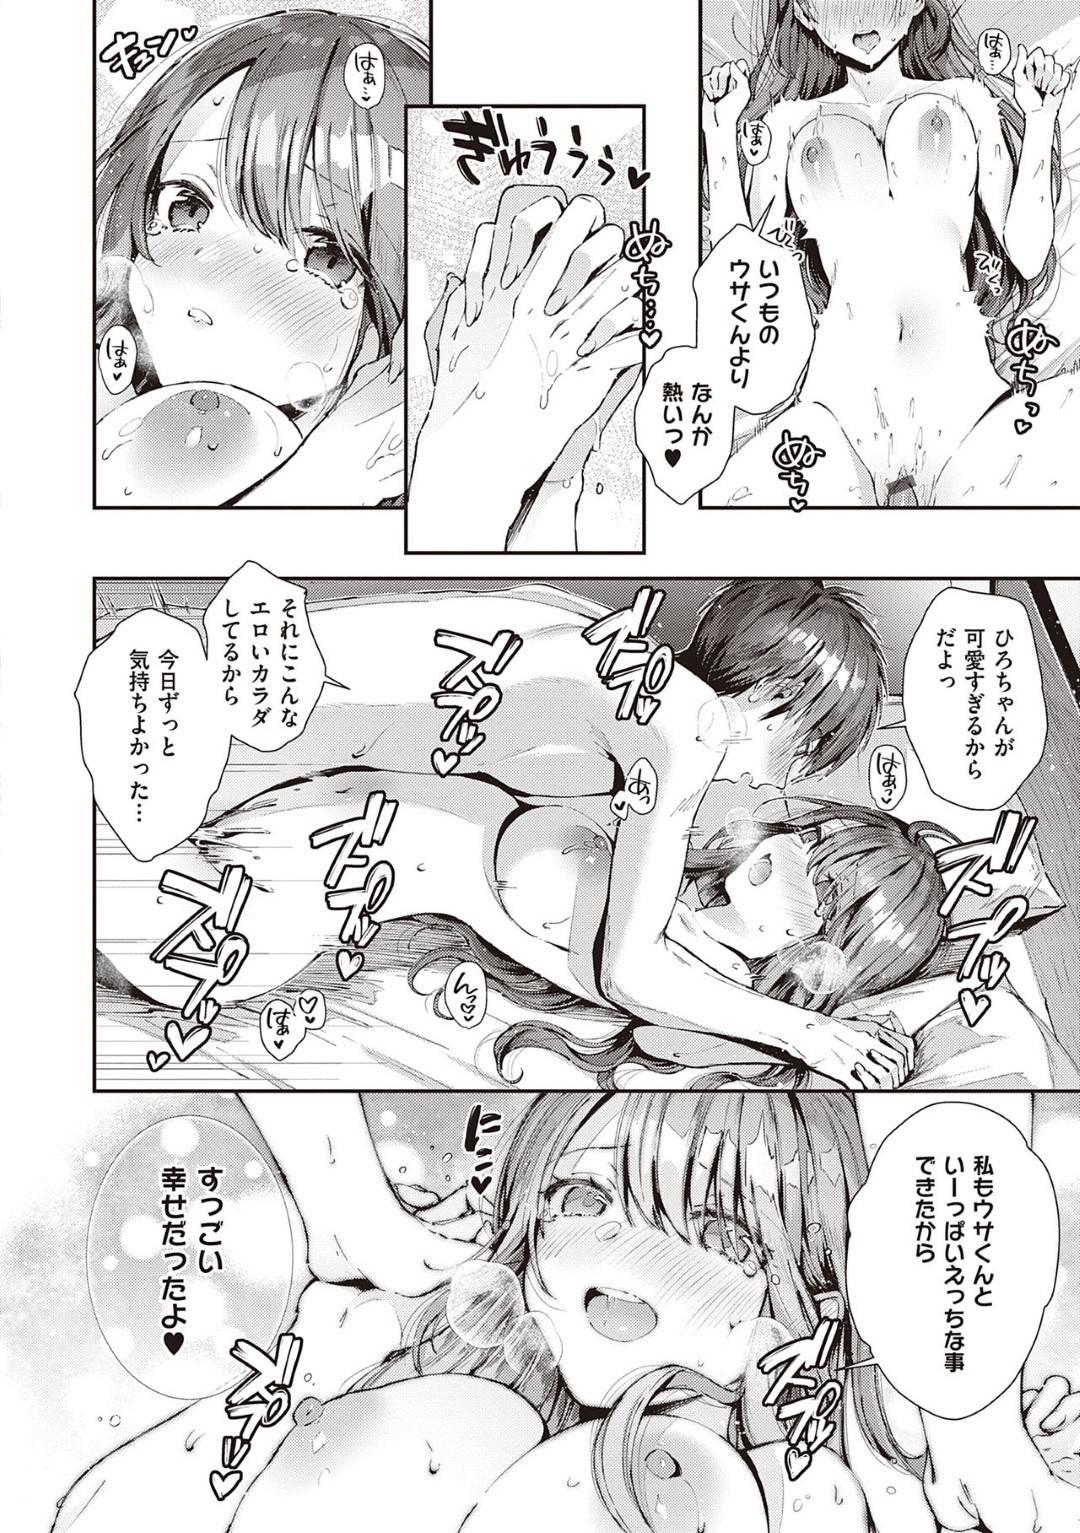 【エロ漫画】男とひたすら一日中セックスし続けるムチムチお姉さん…彼女は正常位やバック、対面座位などの体位でピストンされて感じまくる!【水平線:いつもこんなかんじ】